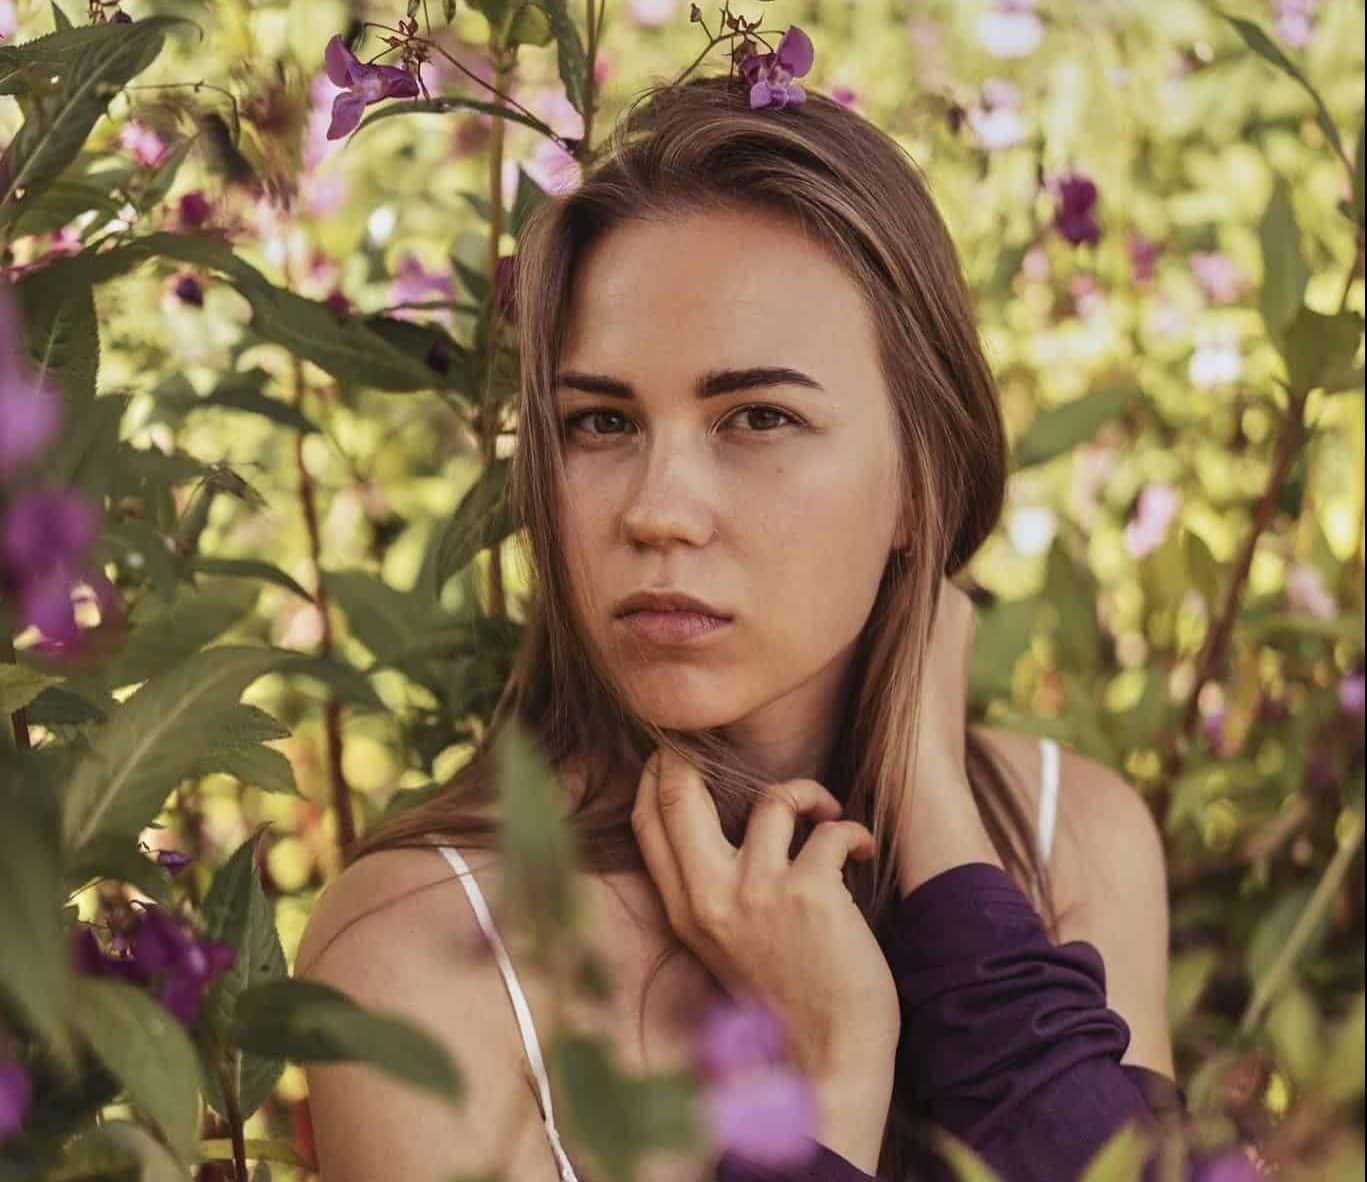 Meet the Artist - Interview with artist Valeria Susak